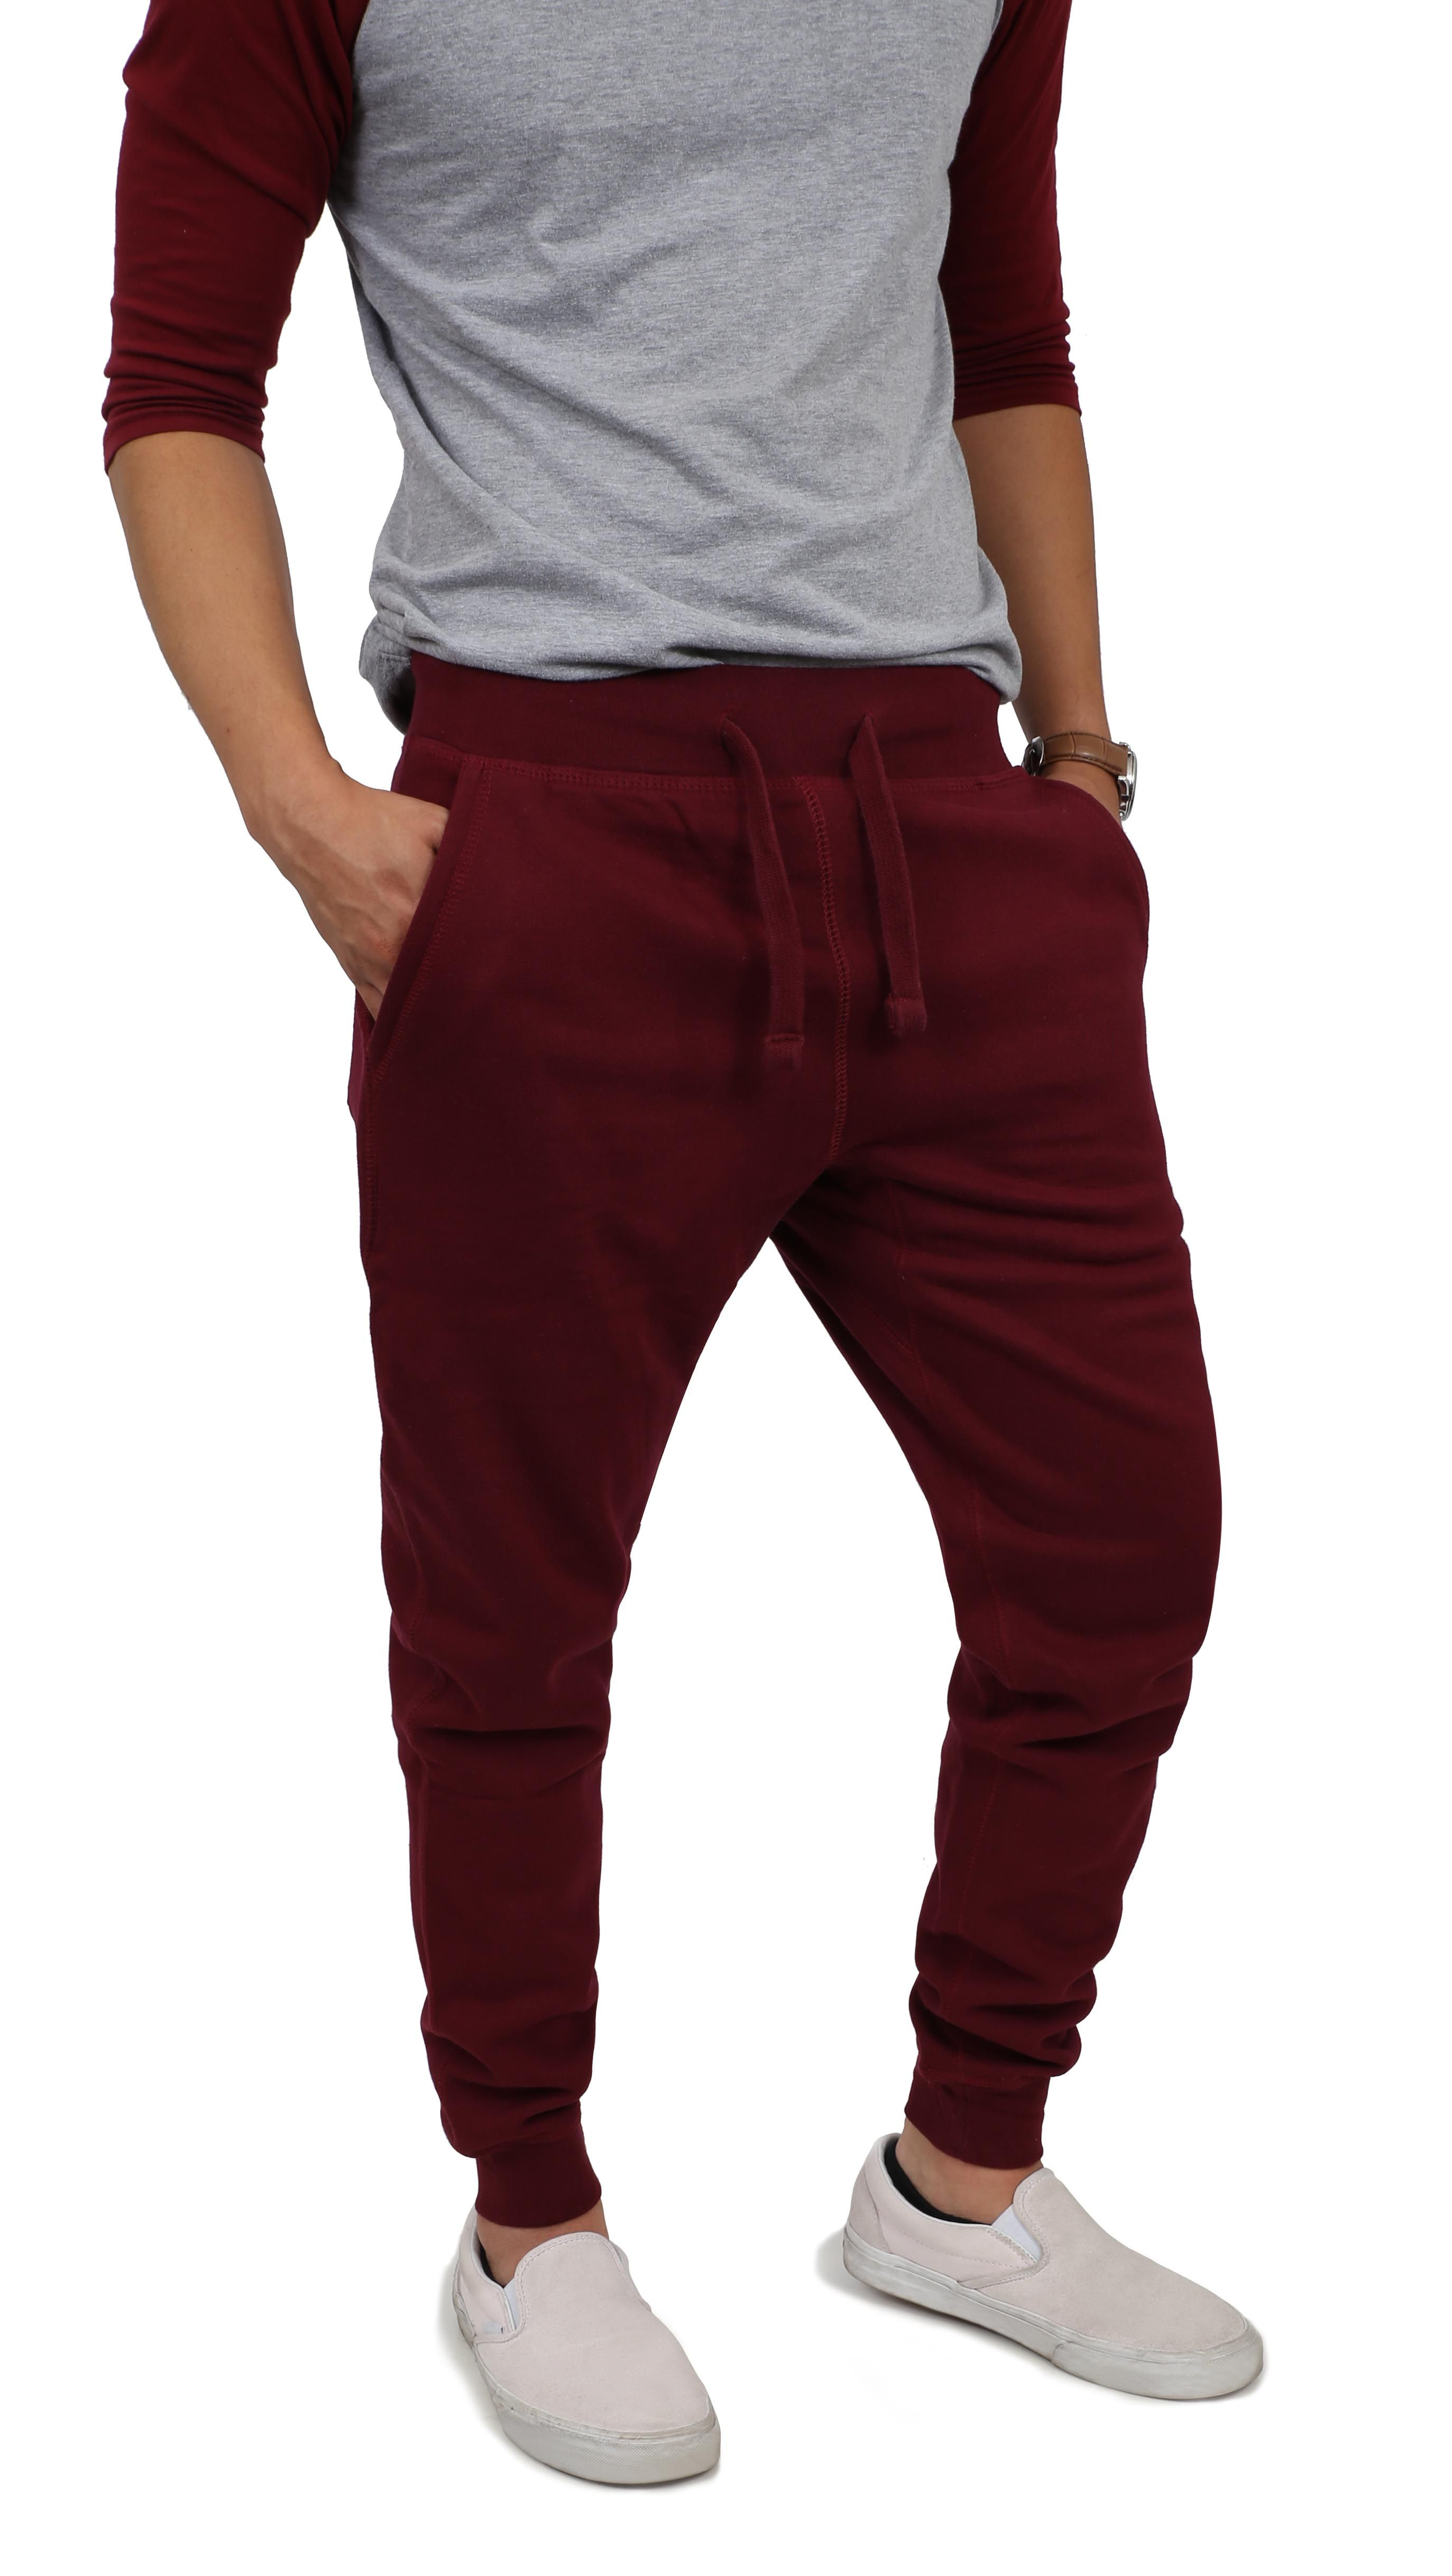 620caa6f8a Mens Basic Fleece Jogger Pants en 2019